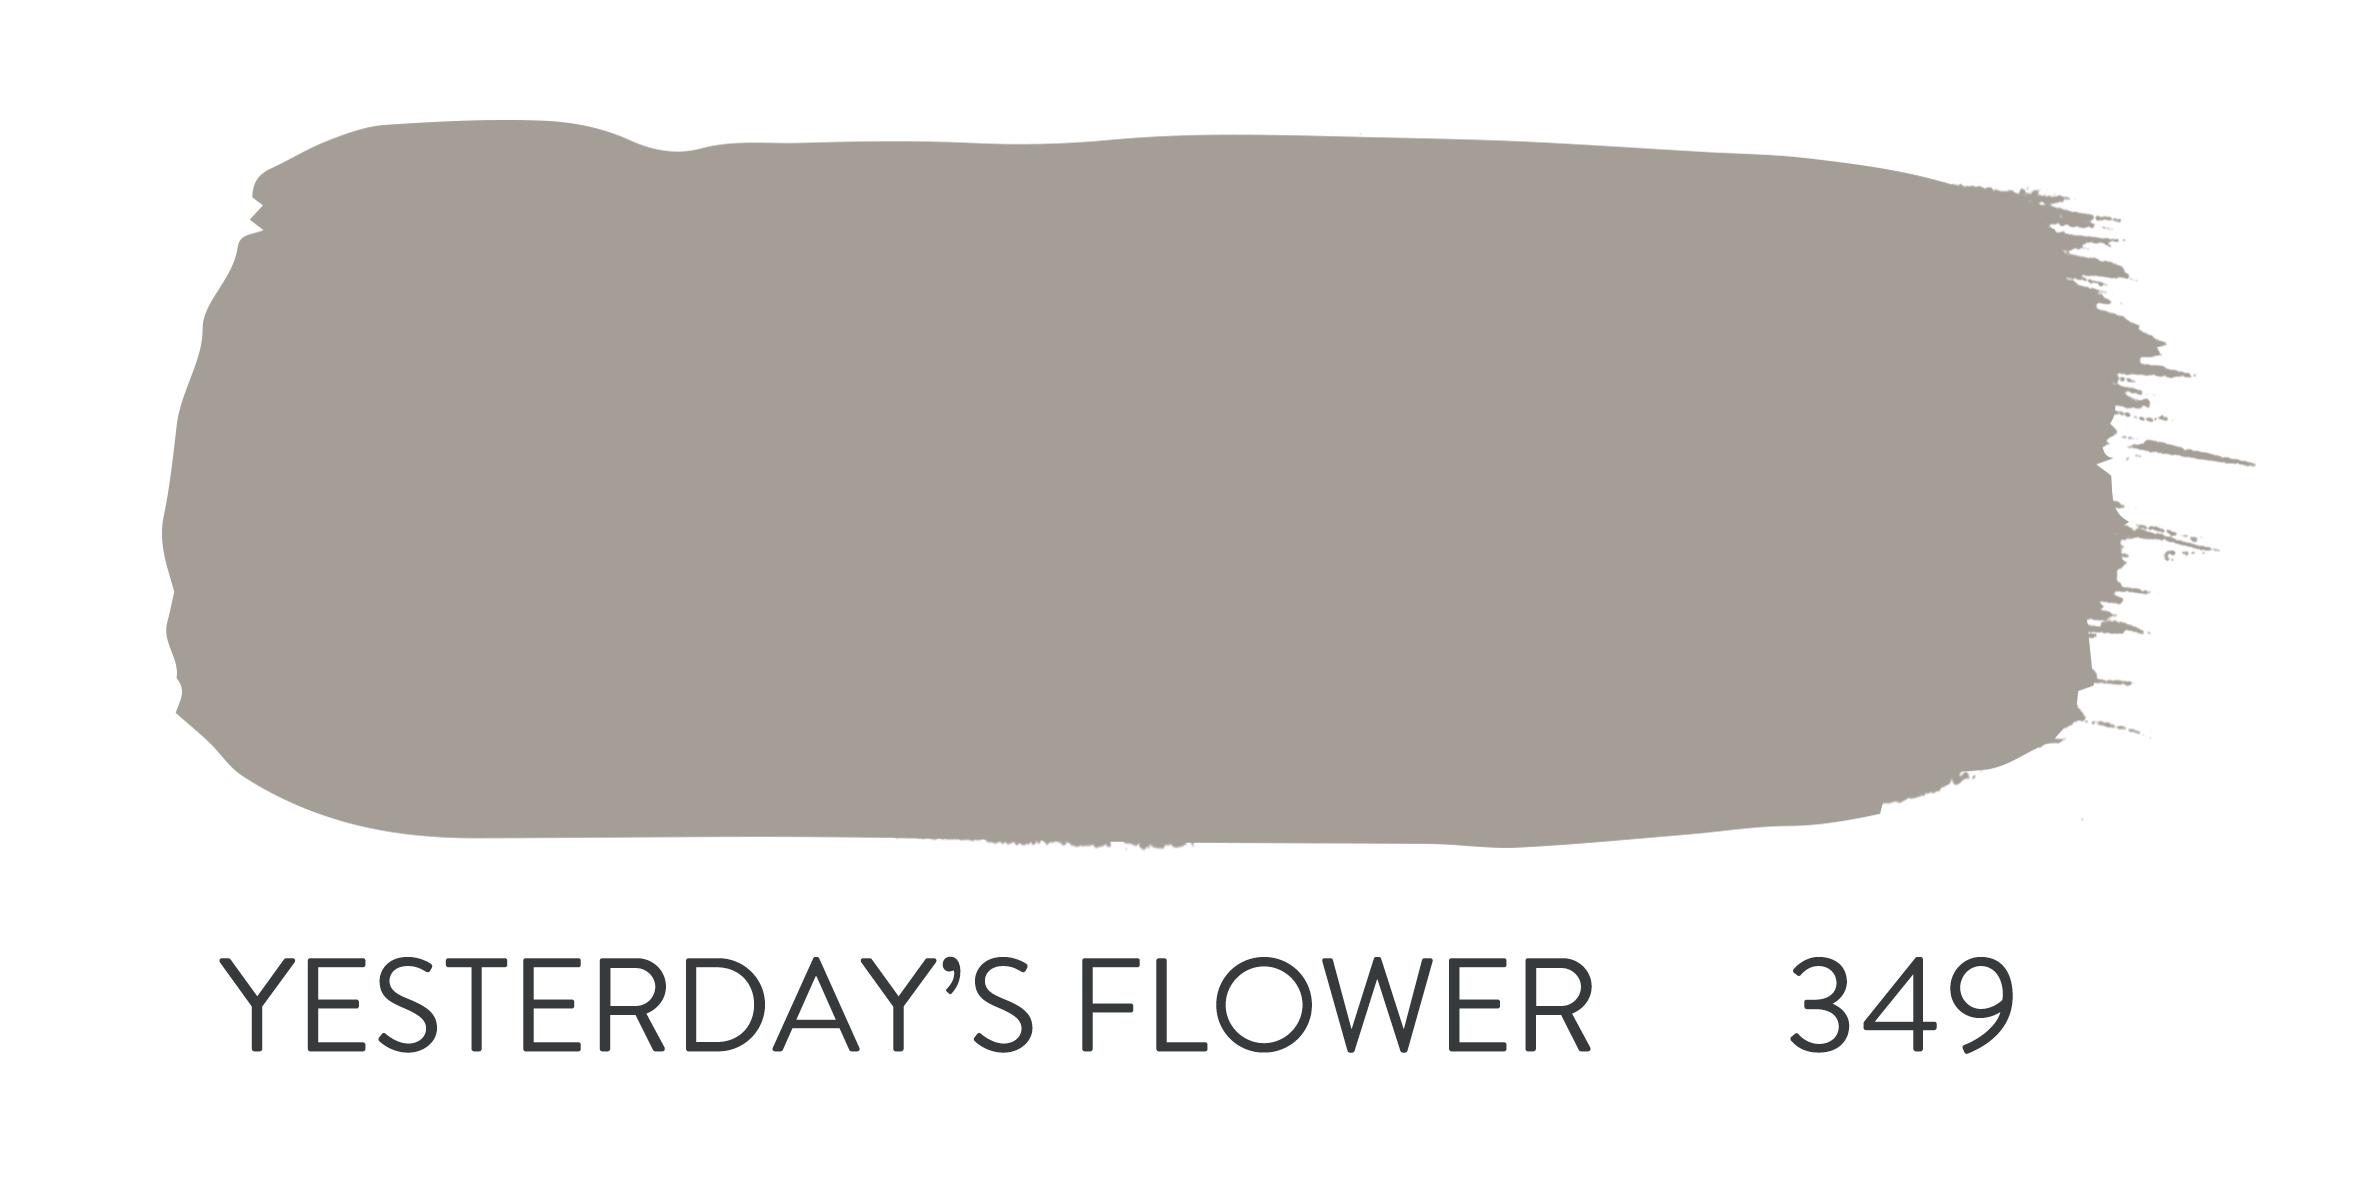 YESTERDAY'S FLOWER 349.jpg